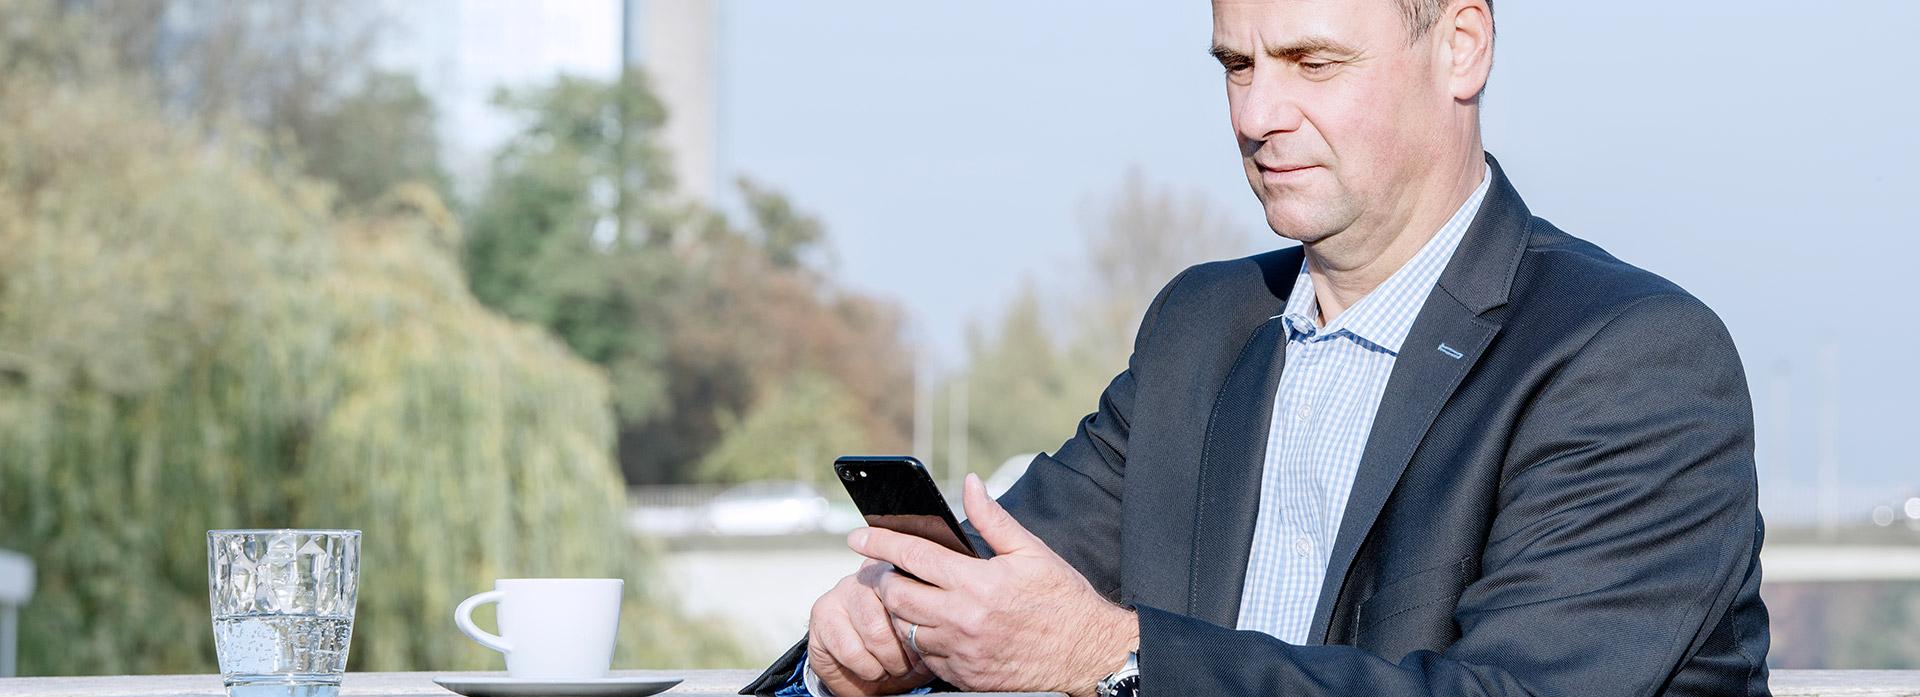 Heiko van Eckert - Top Deal Consulting - Newsletter Title Image